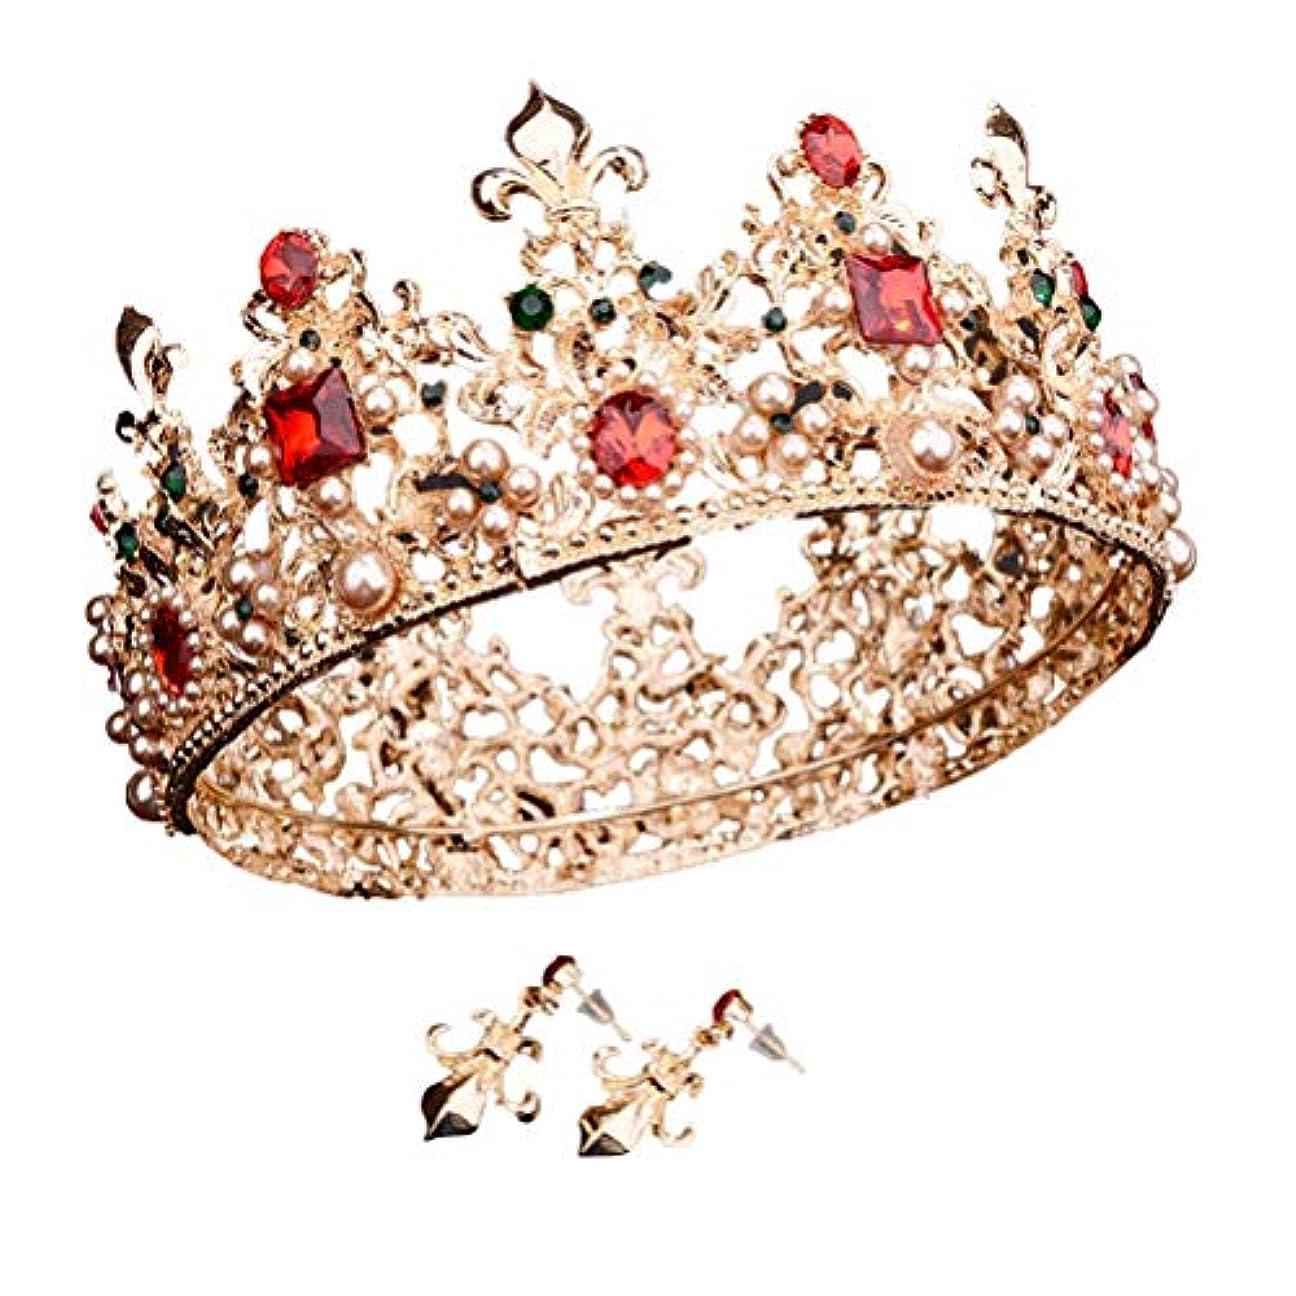 吸い込む大きさ最適Beaupretty 女性のためのバロック女王クラウンラインストーンの結婚式の冠とティアライヤリング付きヘアアクセサリー結婚式のかぶと